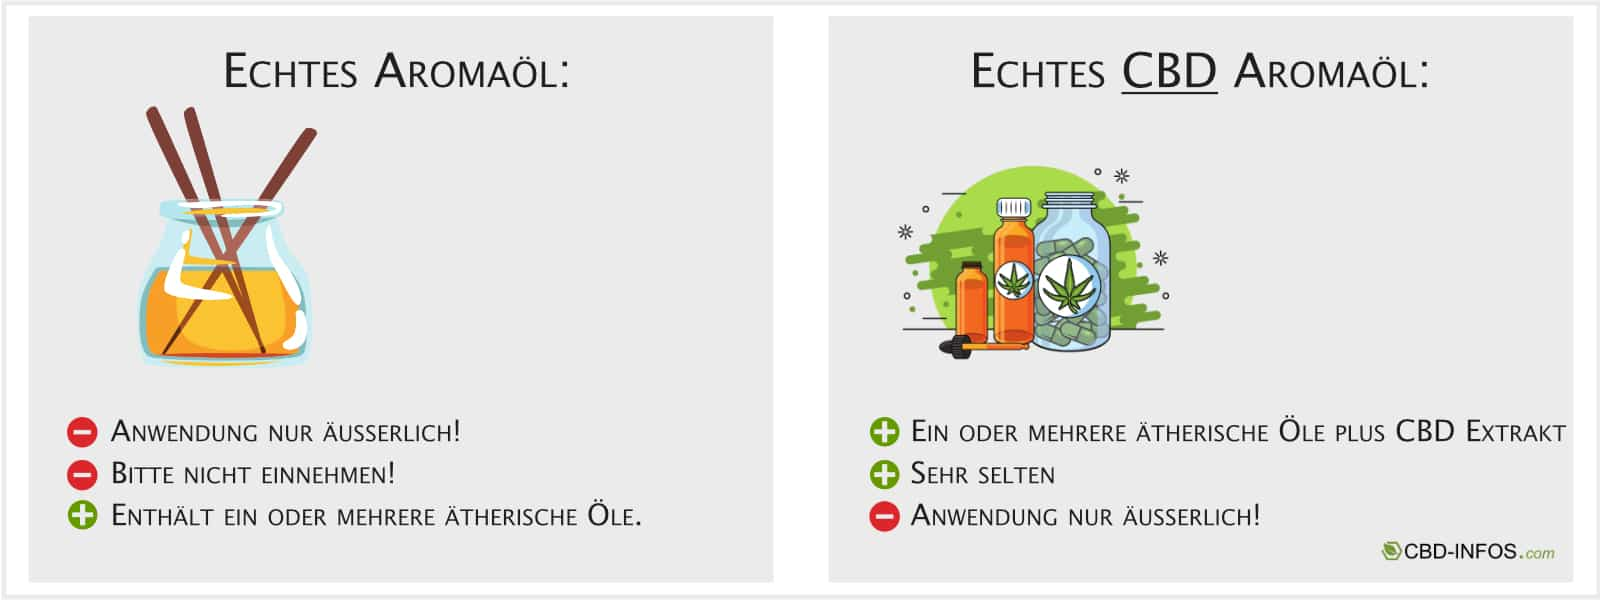 Infografik Aromaöl von CBD-Infos.com